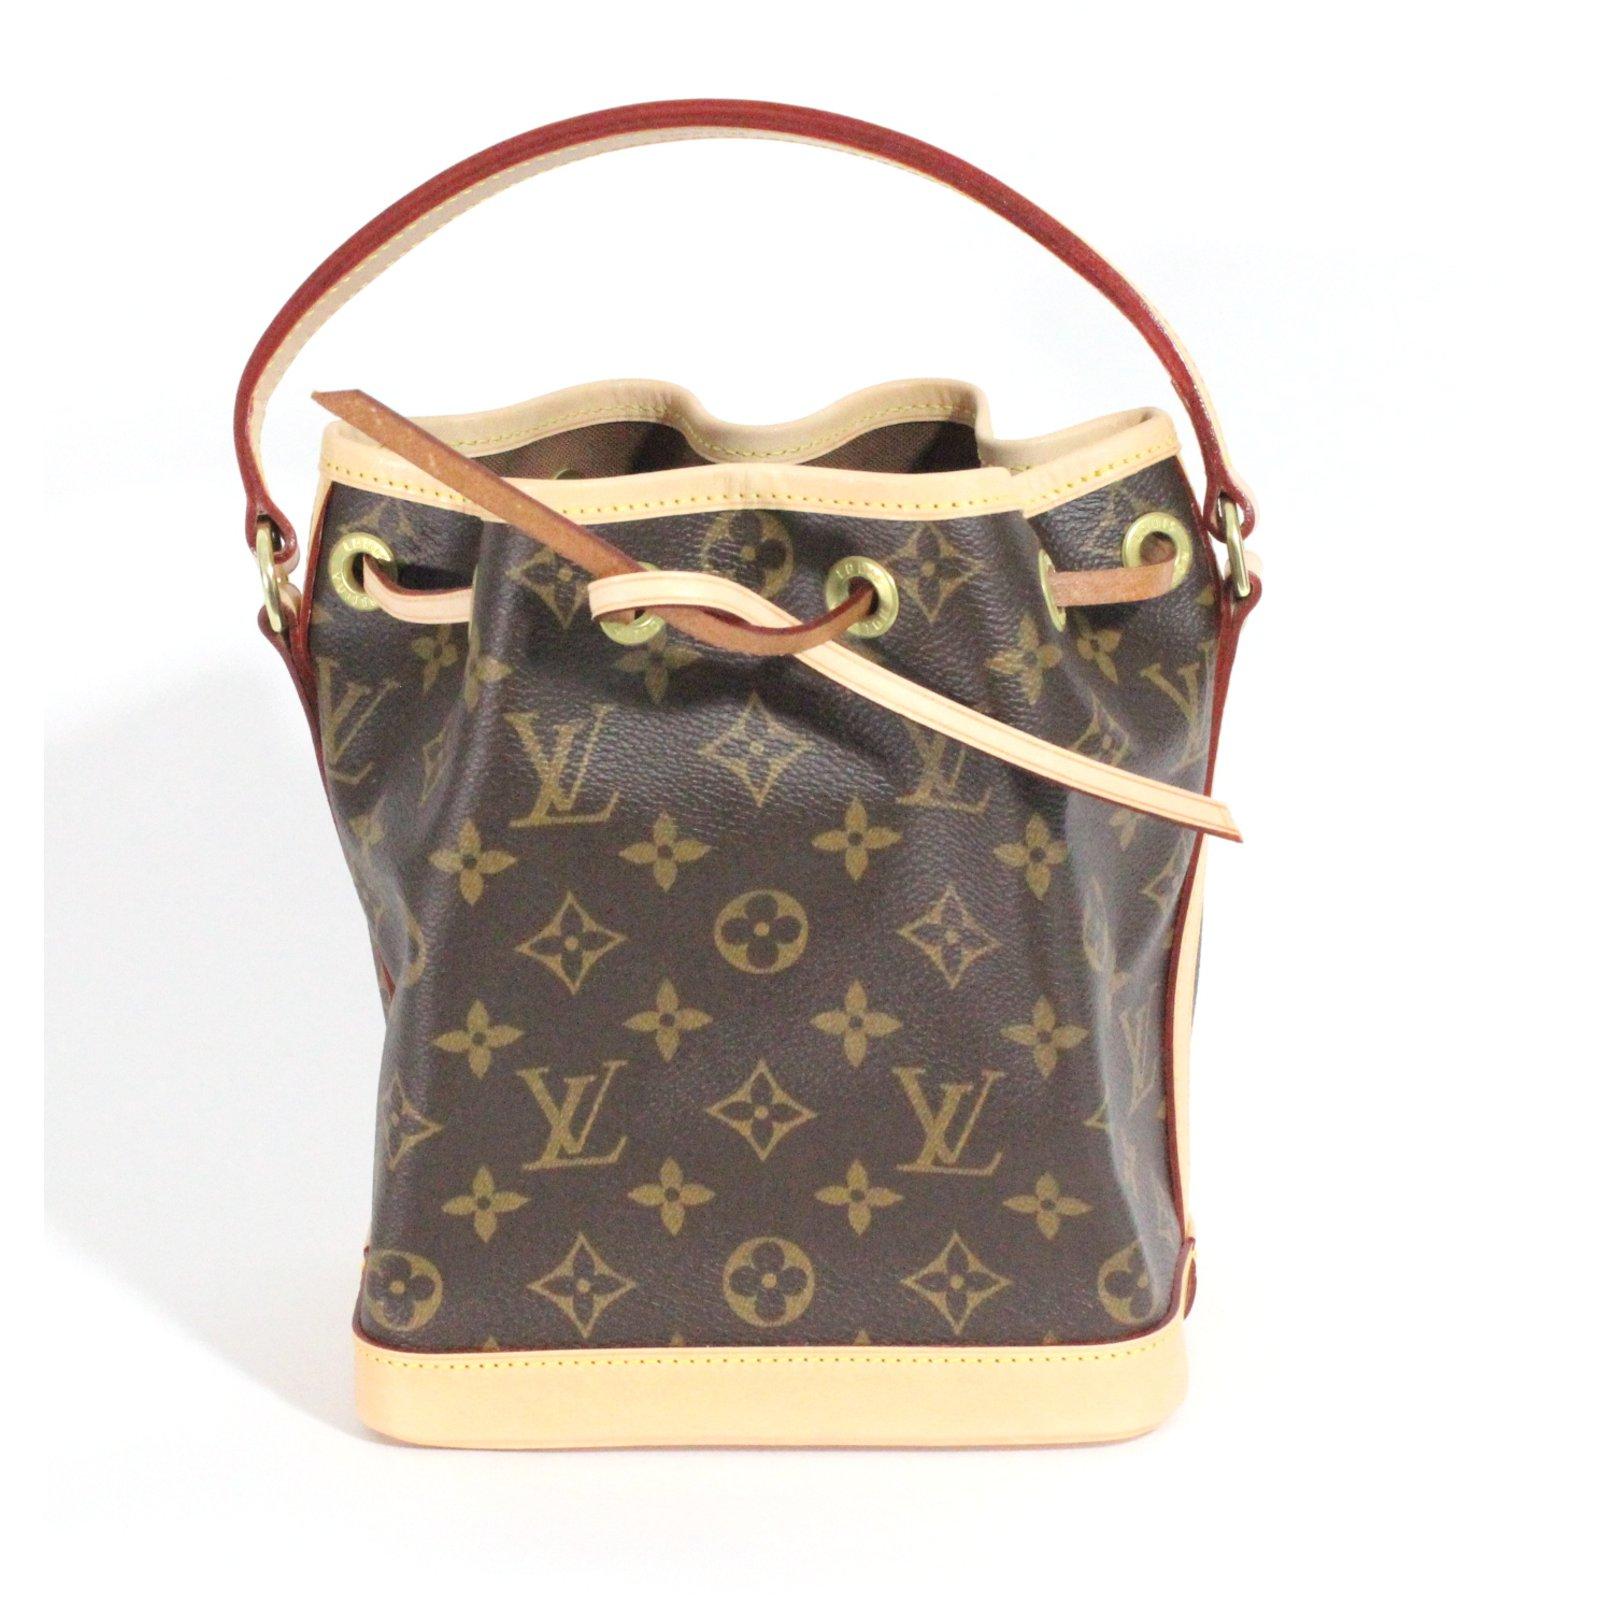 7b910b68cb0 Sacs à main Louis Vuitton Mini Noé monogrammé BB Cuir